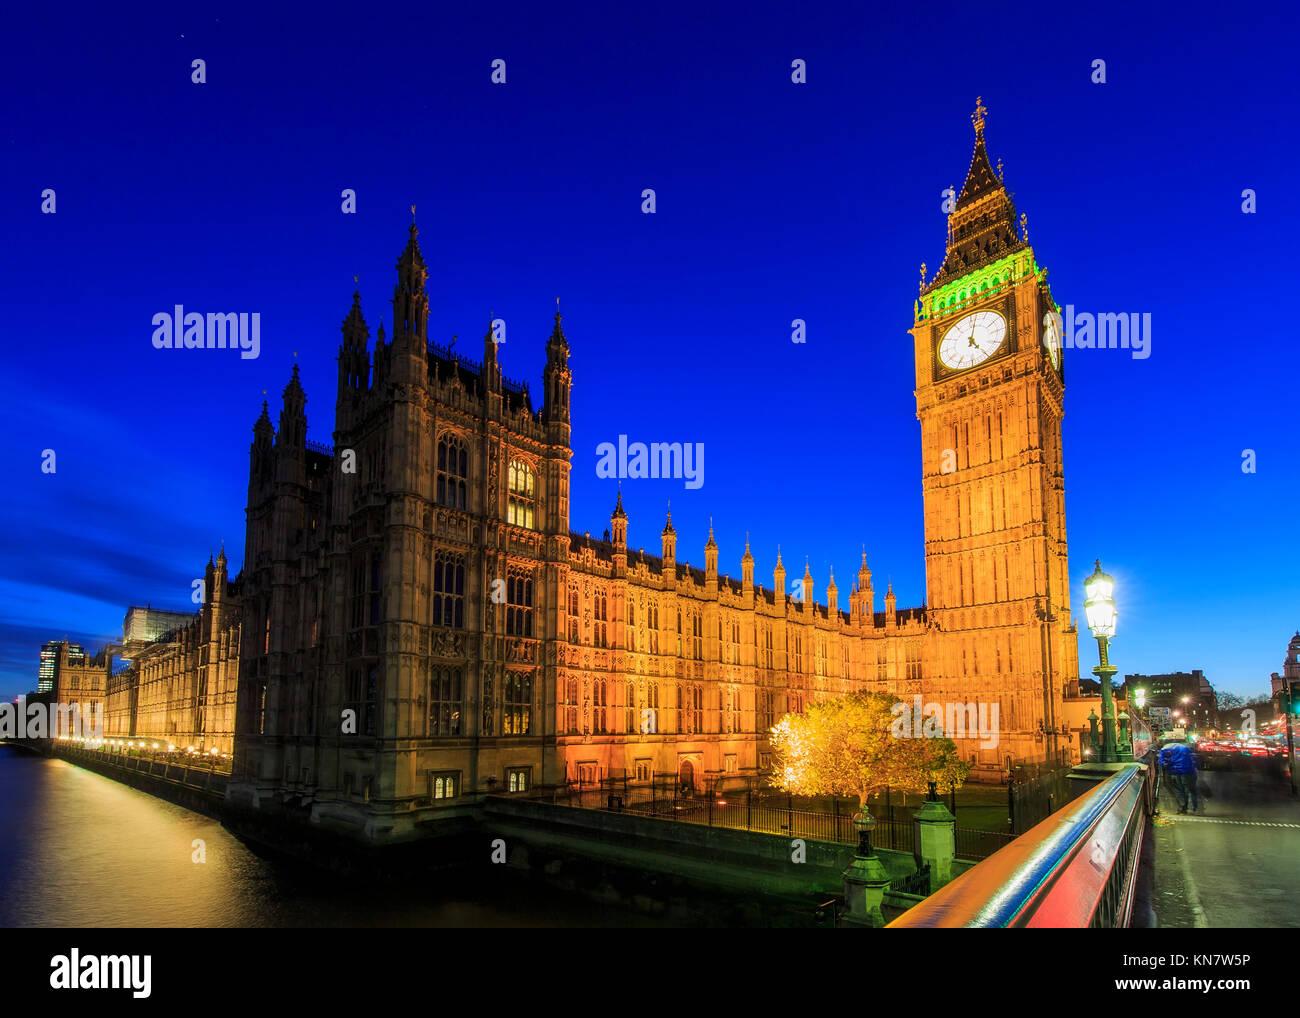 Londres, 13 de noviembre: vista nocturna del famoso Big Ben en nov 13, 2015 en Londres, Reino Unido Imagen De Stock